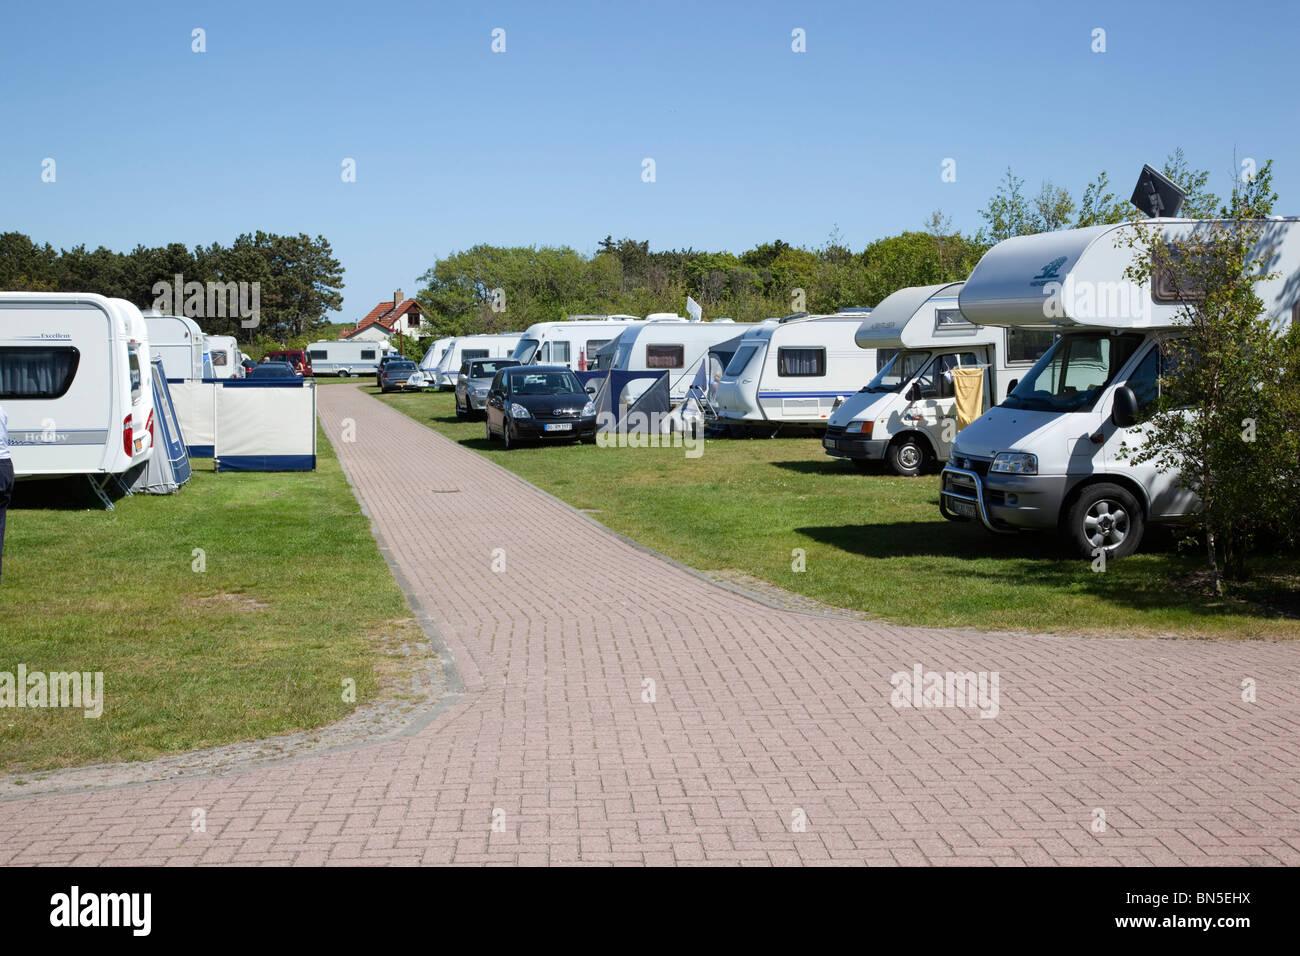 De Shelter campsite; De Koog; Texel; Netherlands - Stock Image